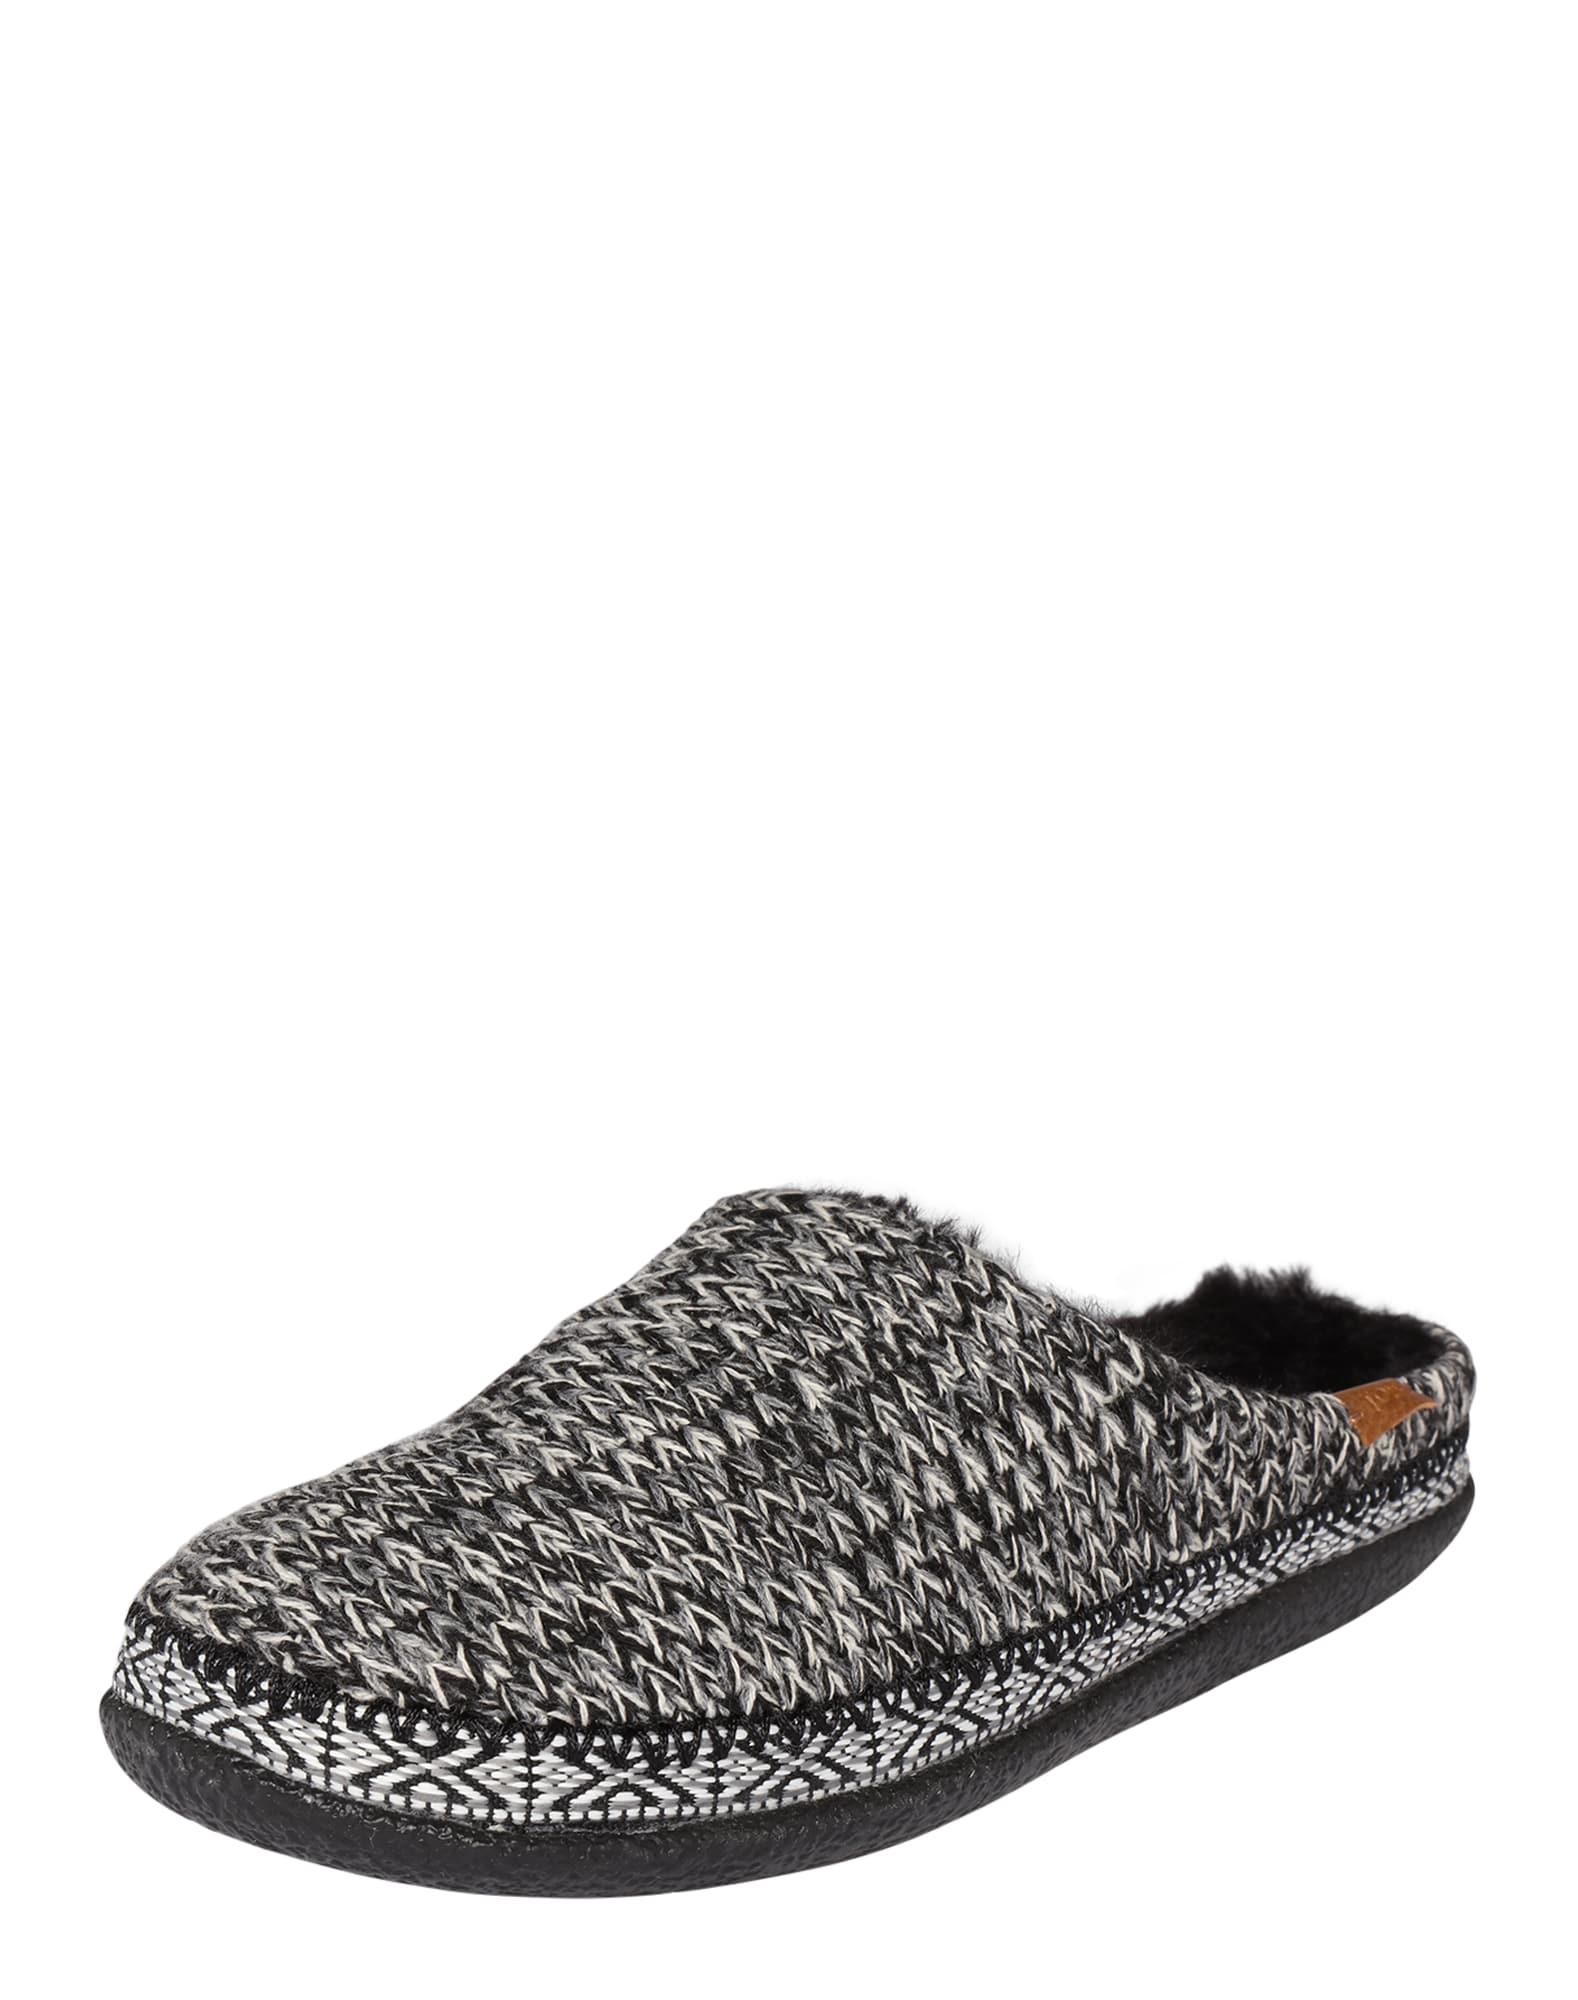 Pantofle Ivy šedá černá TOMS